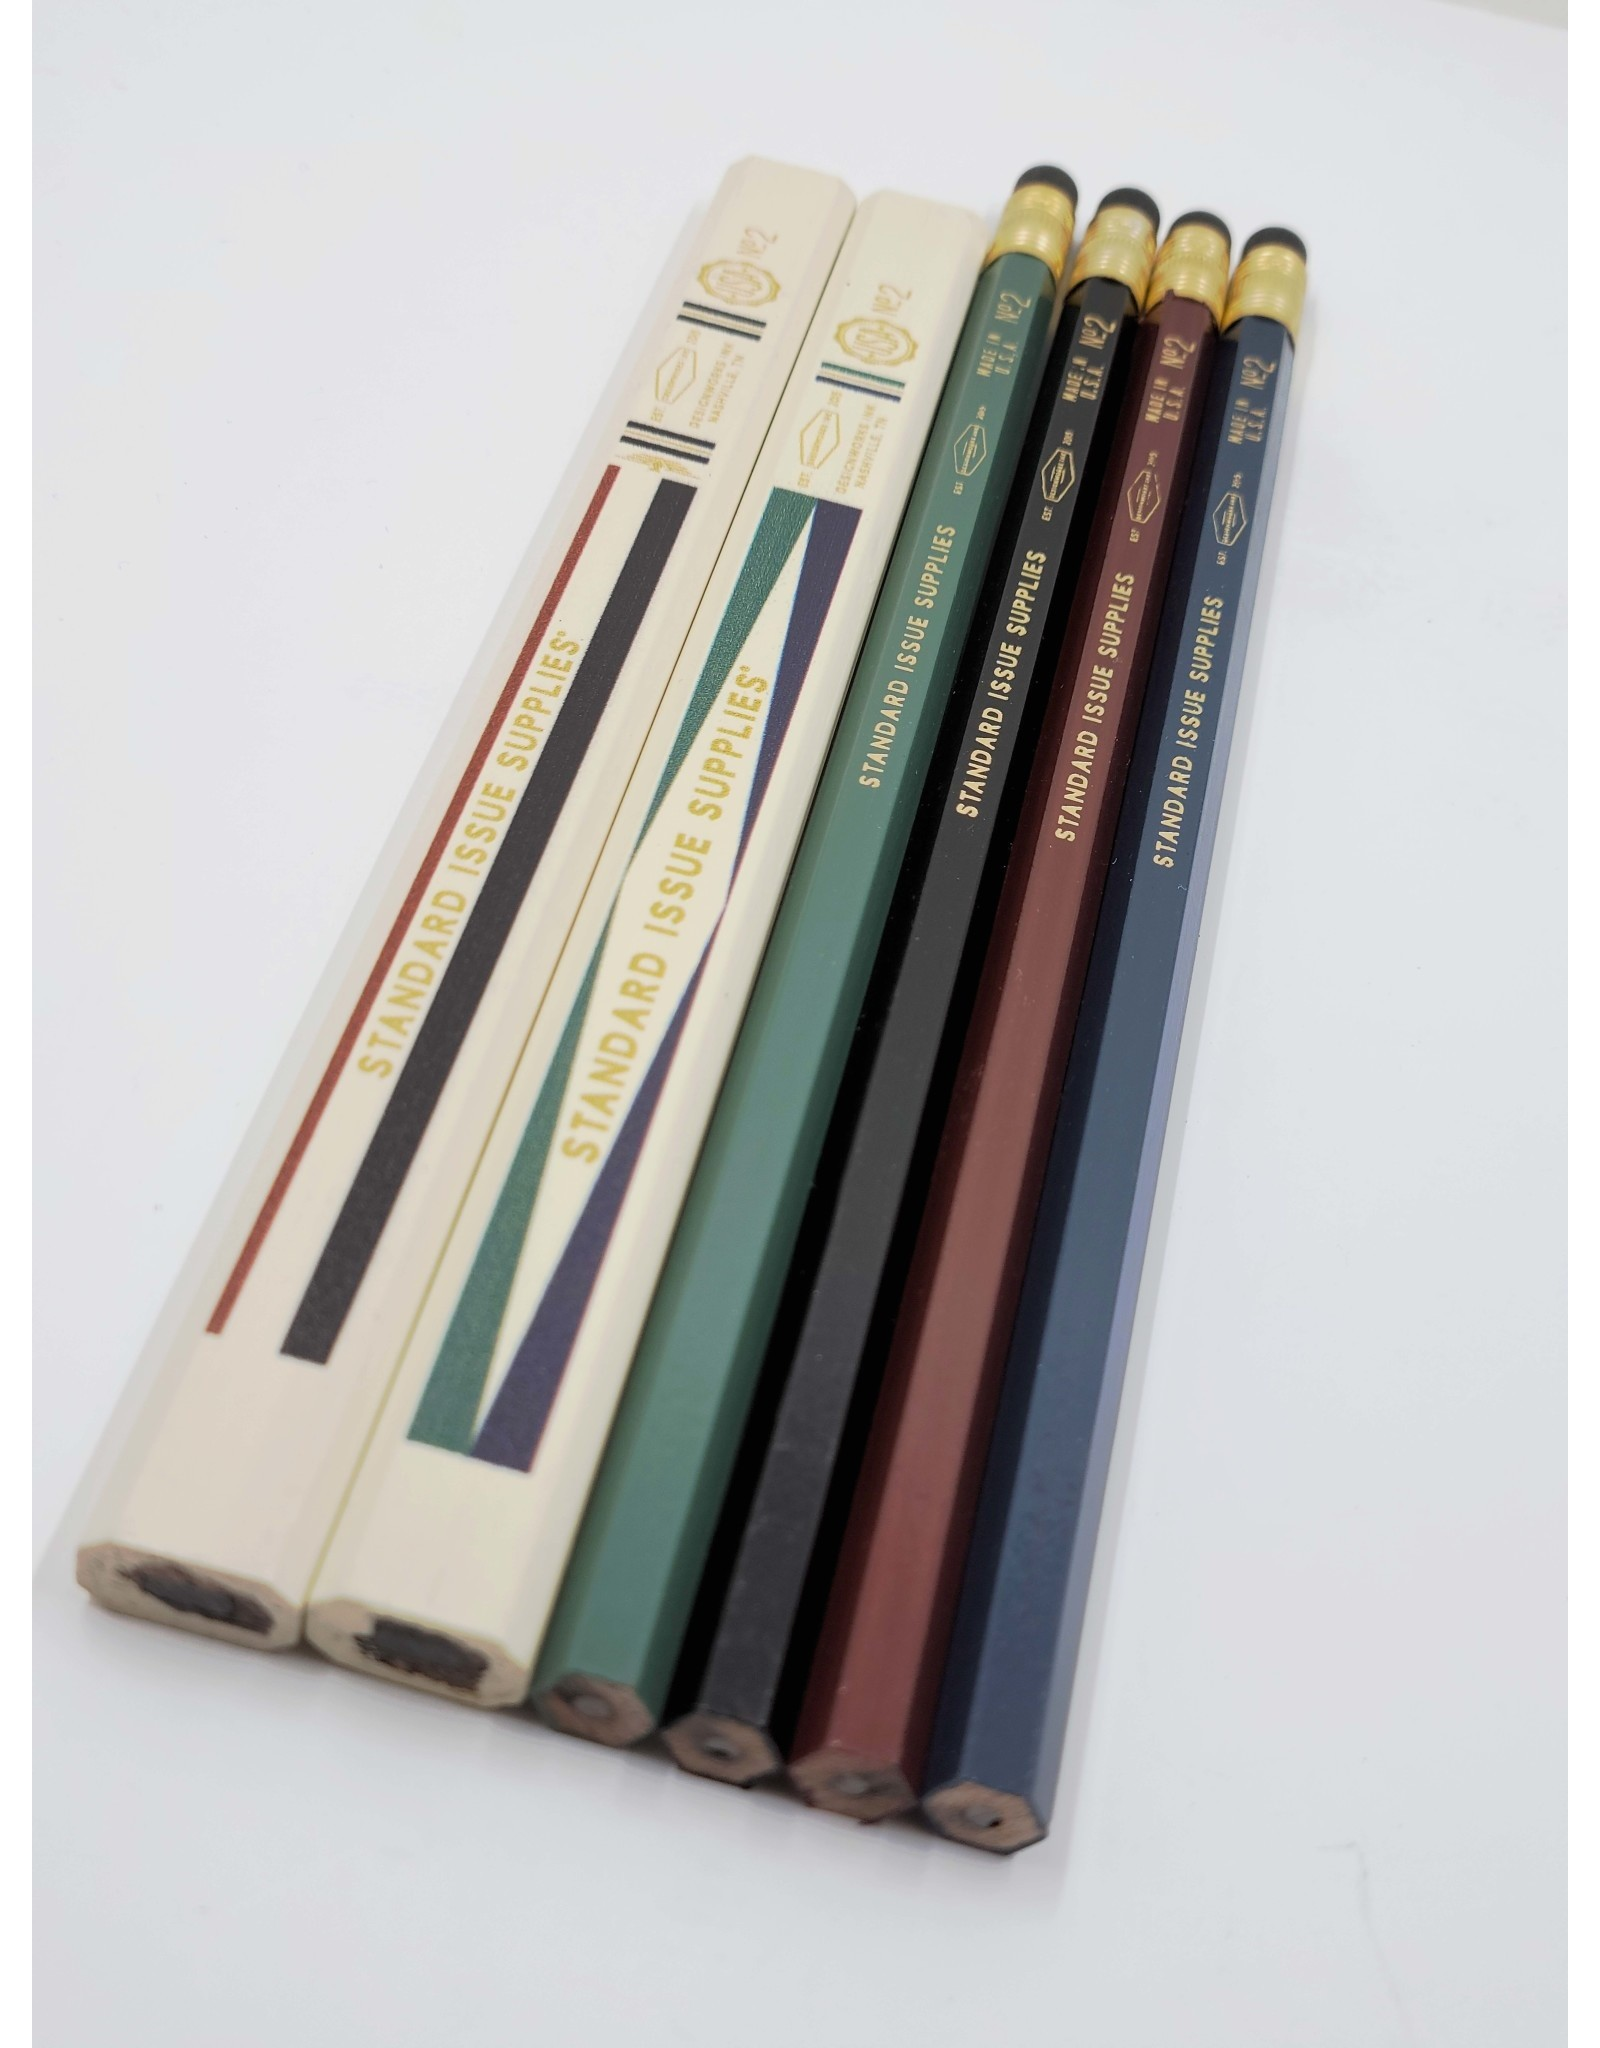 Set of 6 No2 Pencils